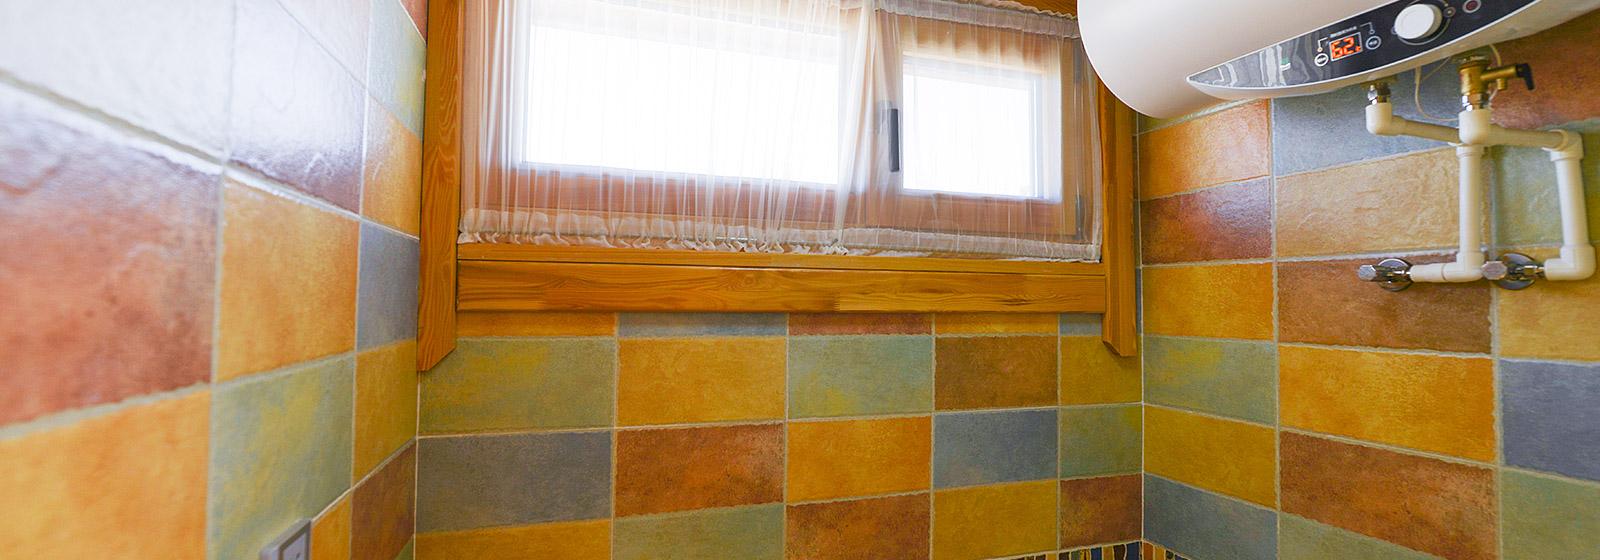 木屋浴室展示